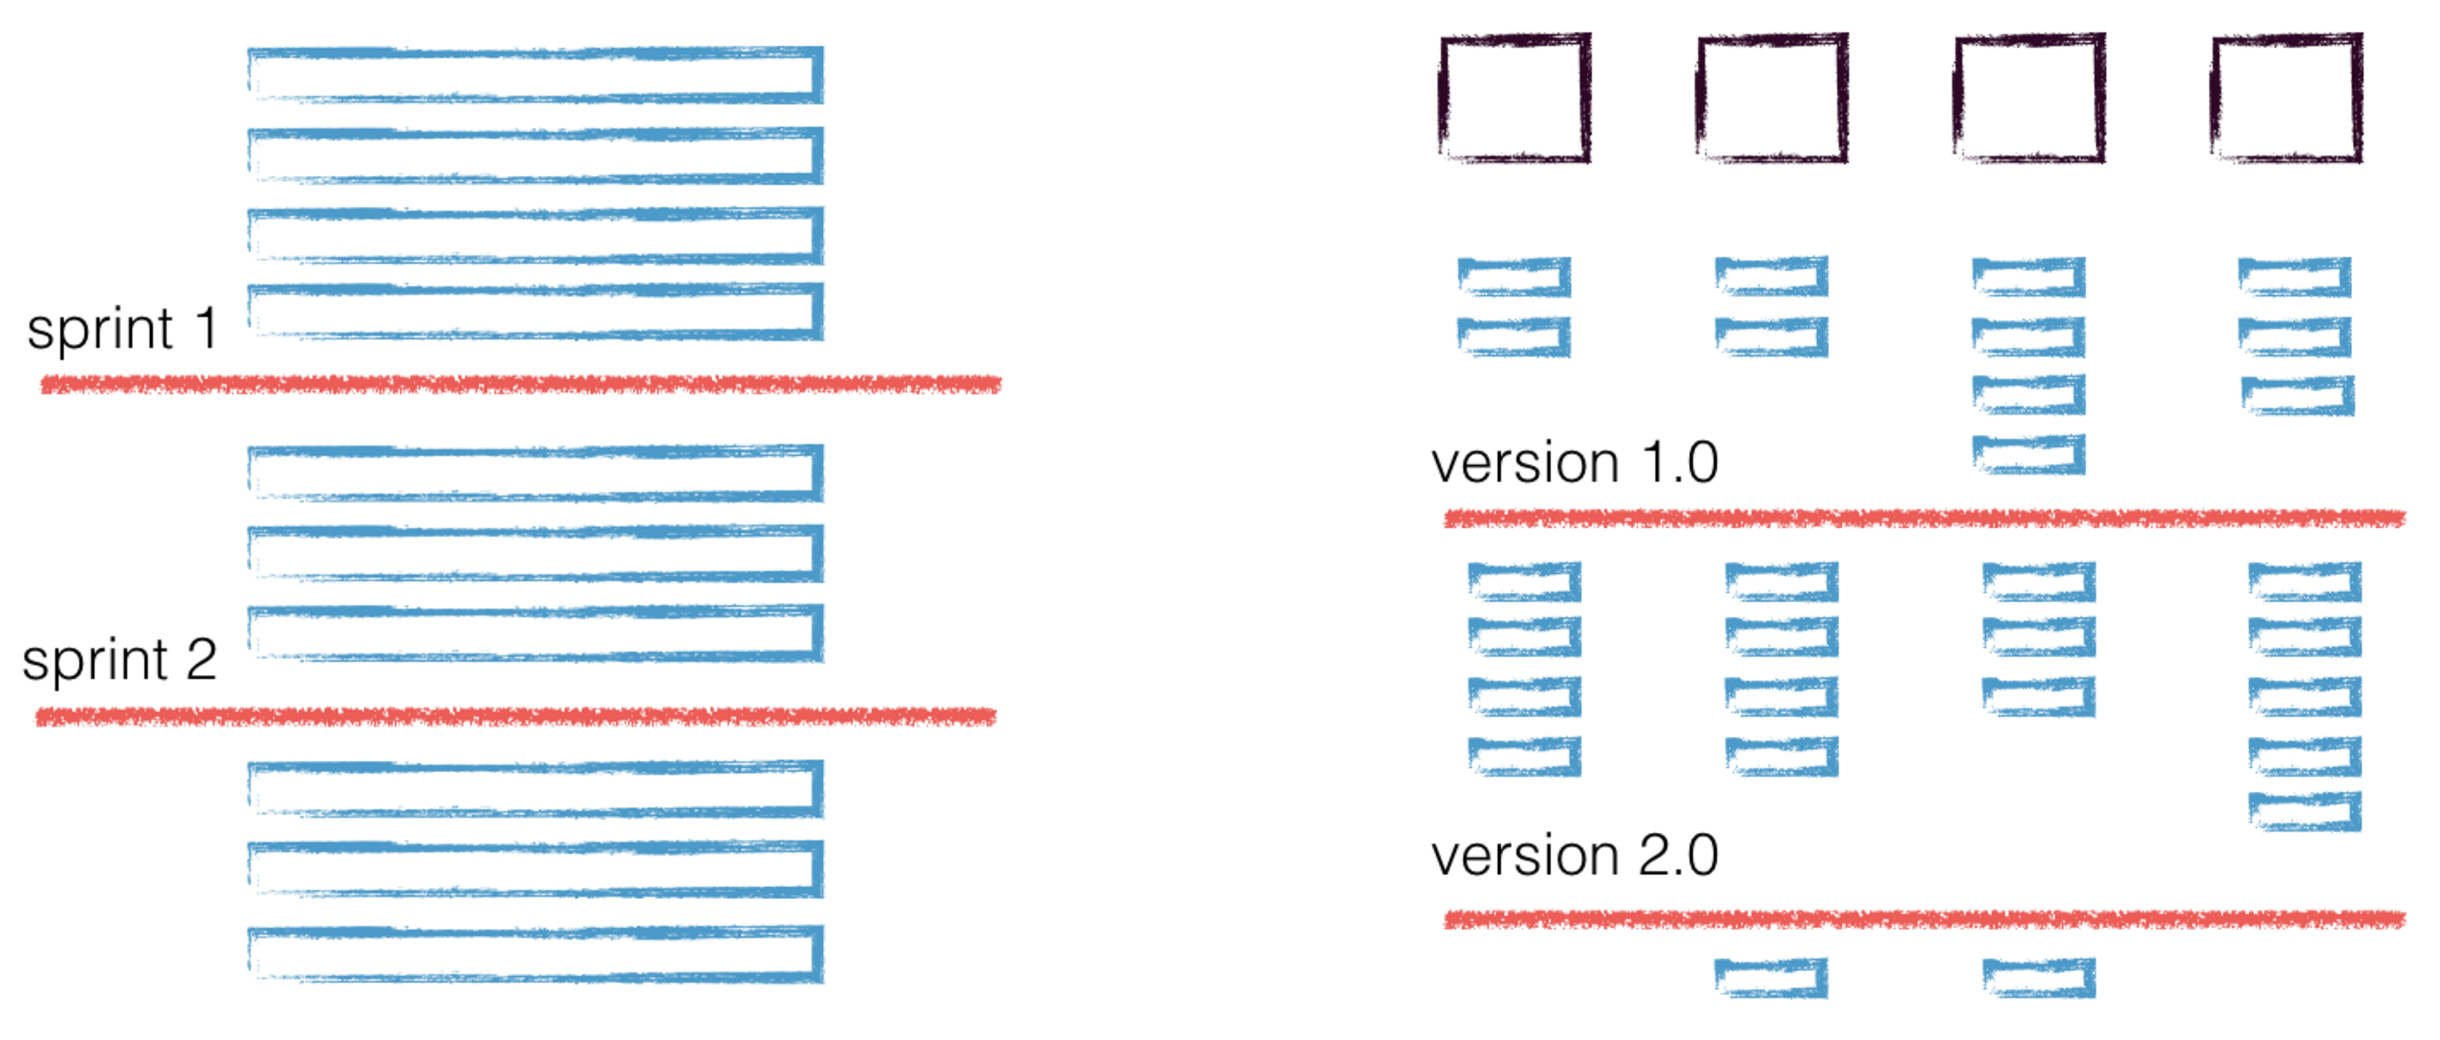 Flat Backlog vs Story Map